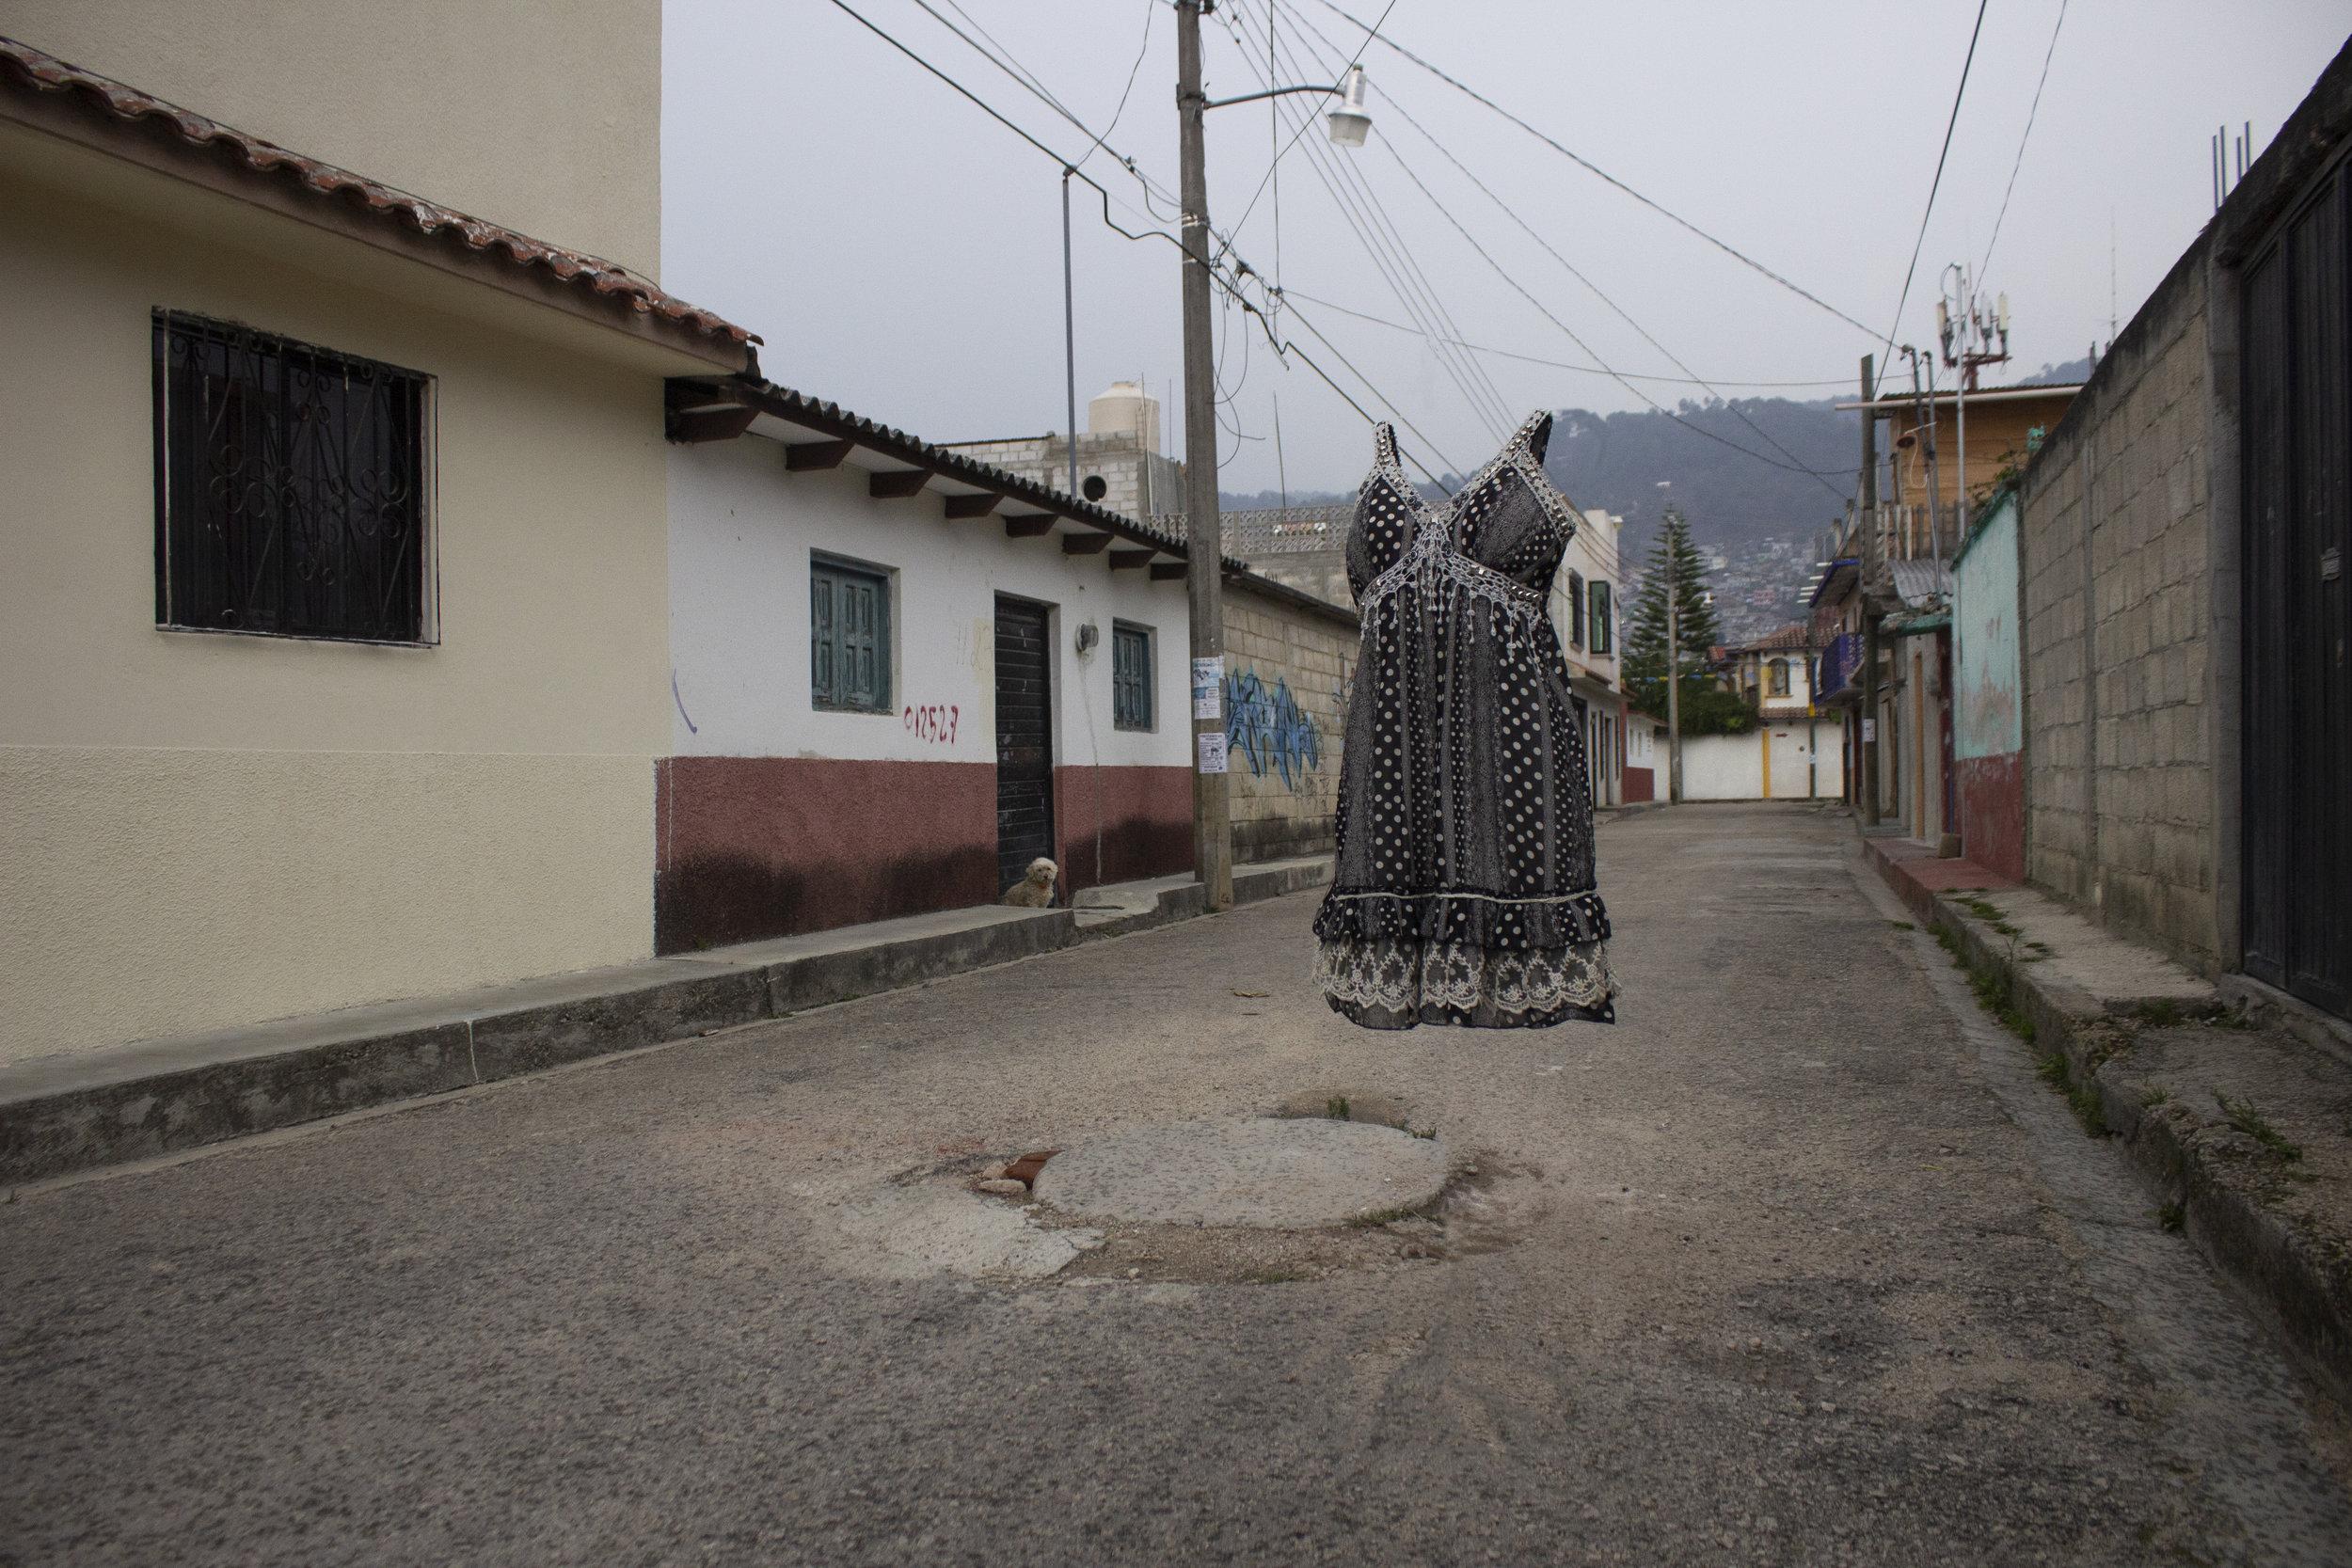 Vestido de Erika en las calles de San Cristóbal de Las Casas en dónde solía caminar cuando visitaba a su madre y hermana.